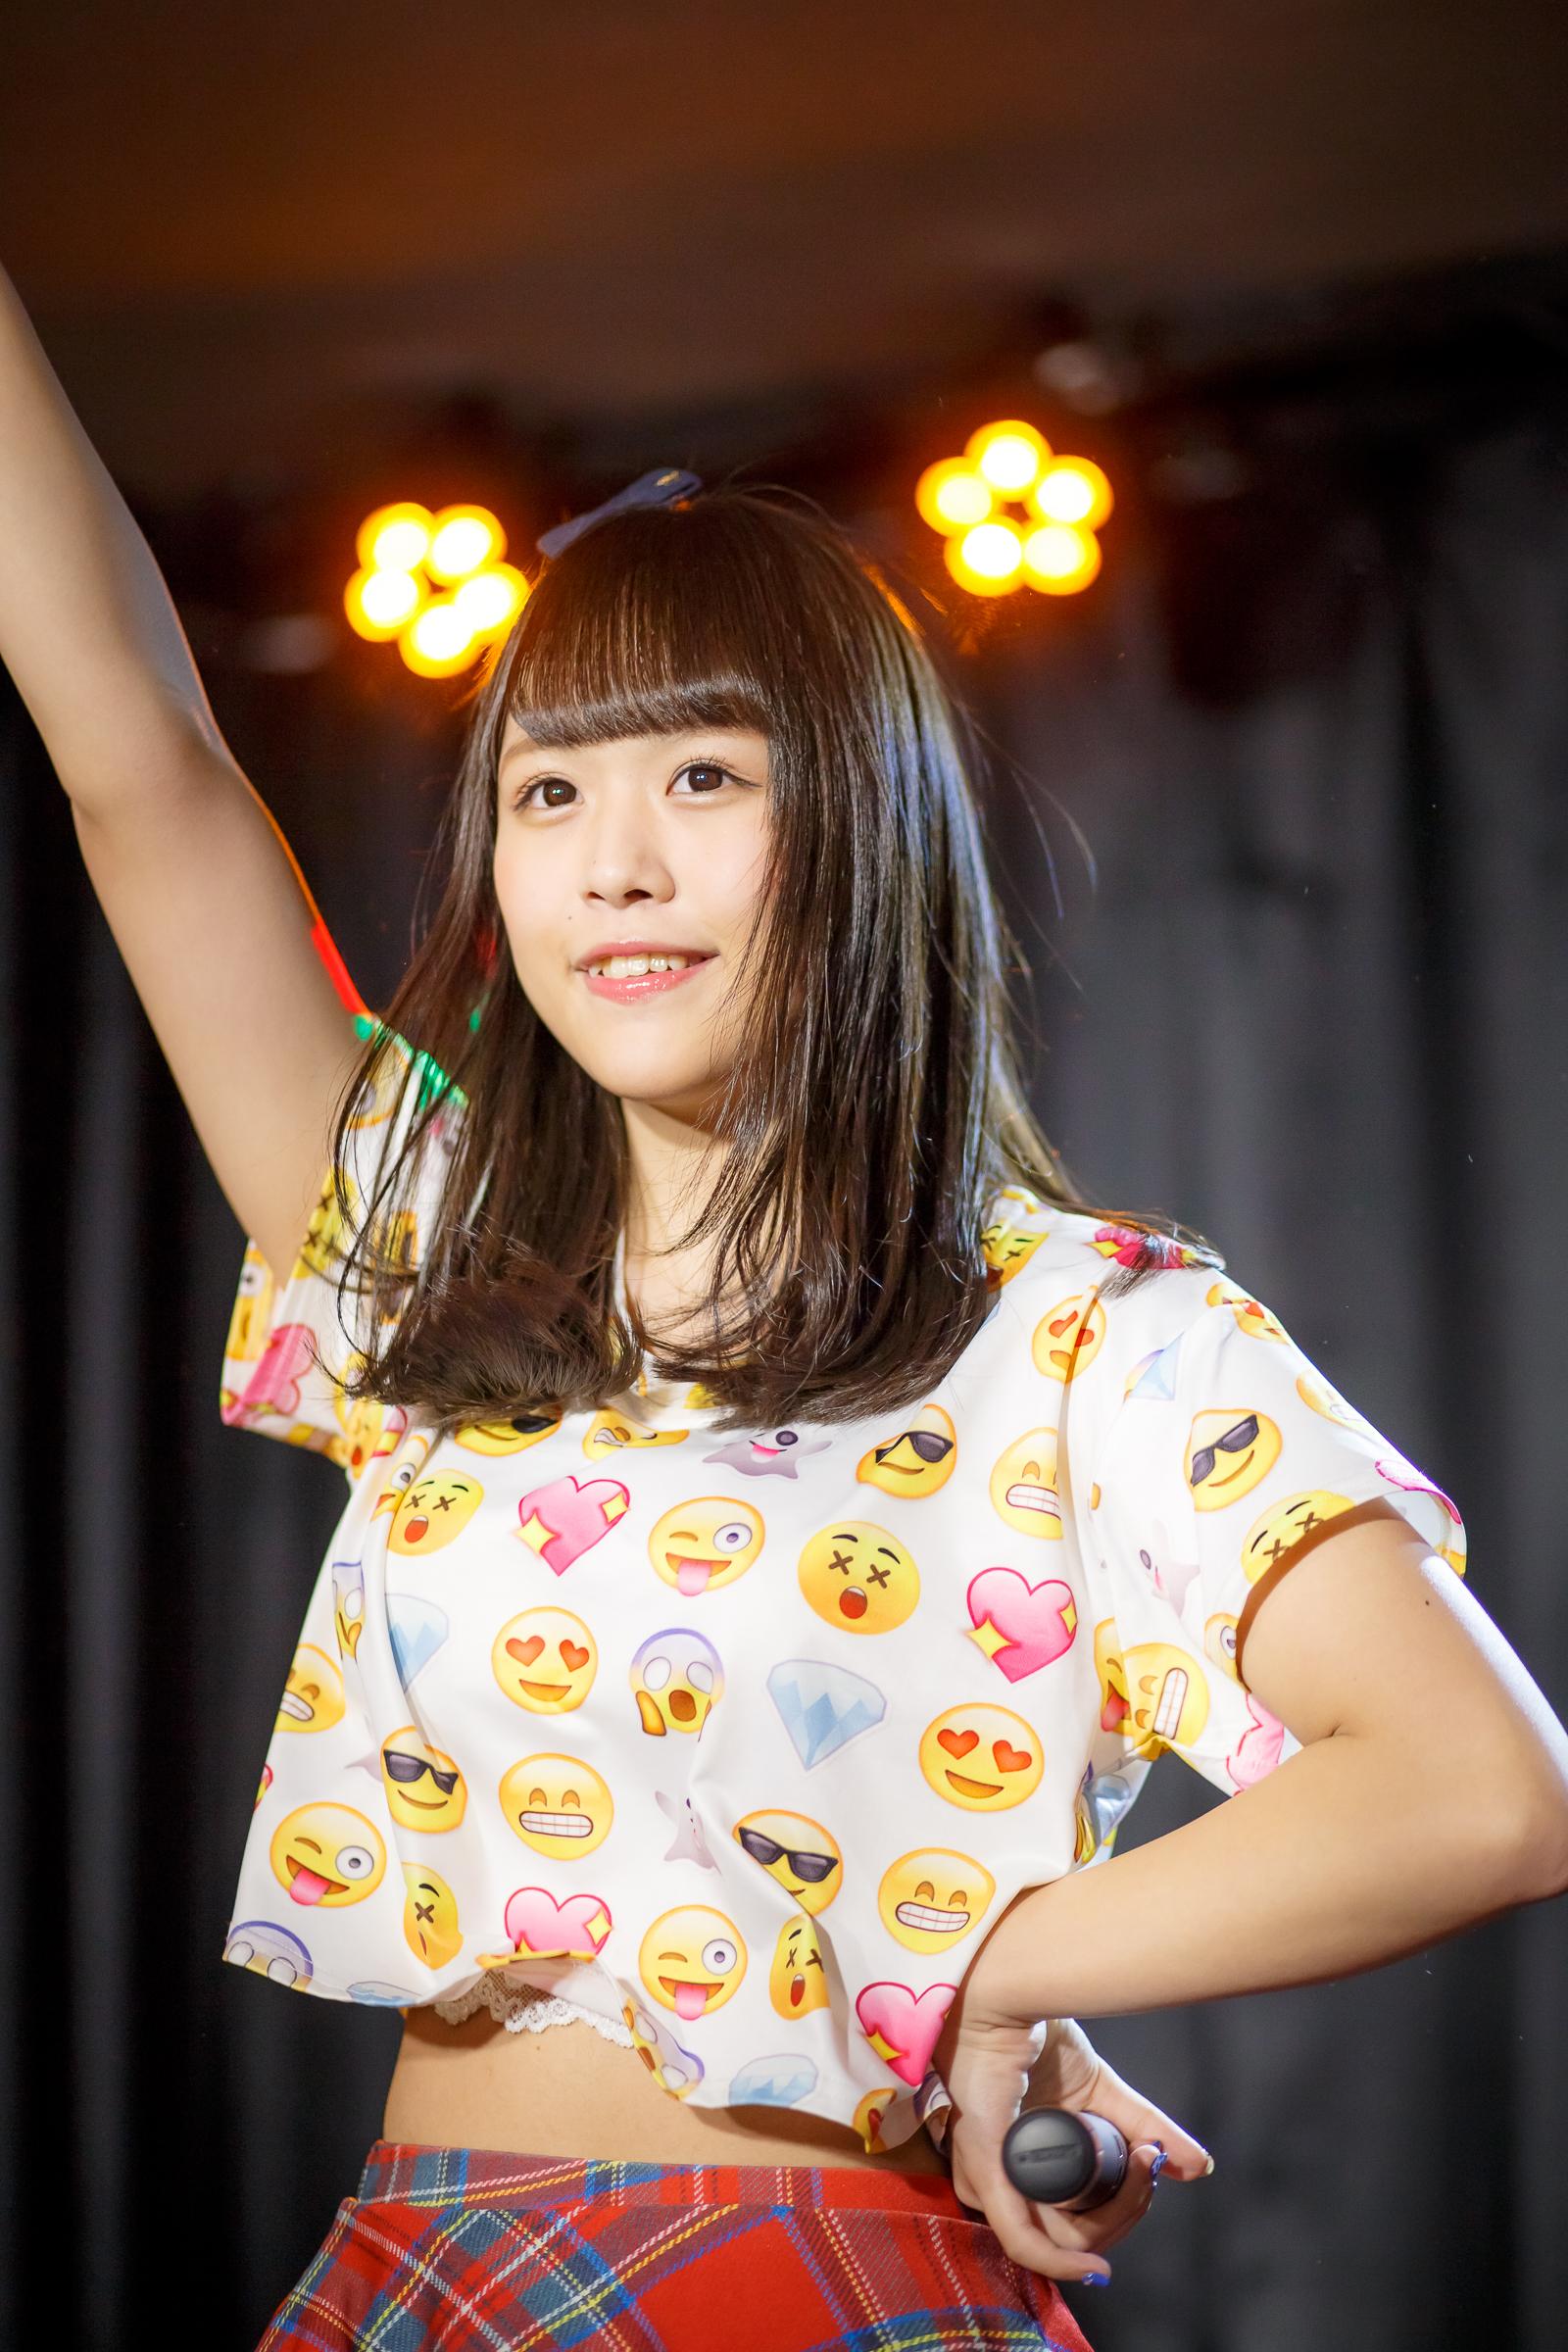 POPPING☆SMILE あいり ( 永山愛梨 )